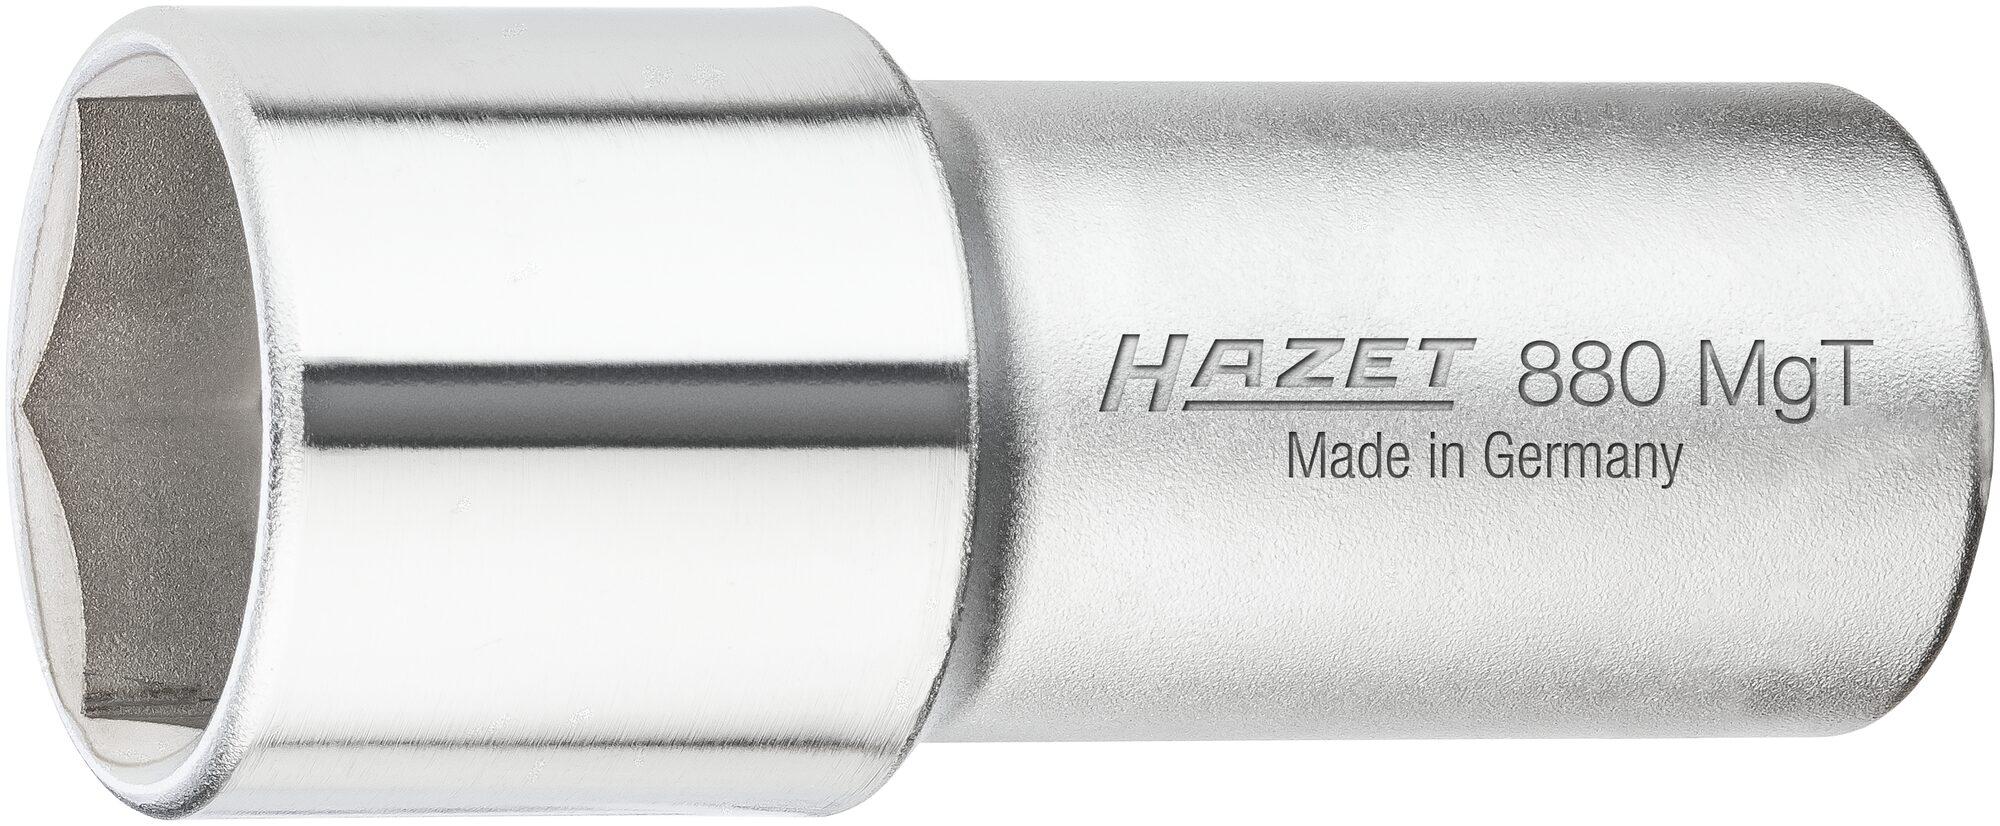 HAZET Zündkerzen Steckschlüsseleinsatz 880MGT ∙ Vierkant hohl 10 mm (3/8 Zoll) ∙ Außen-Sechskant Profil ∙ 20.8 mm